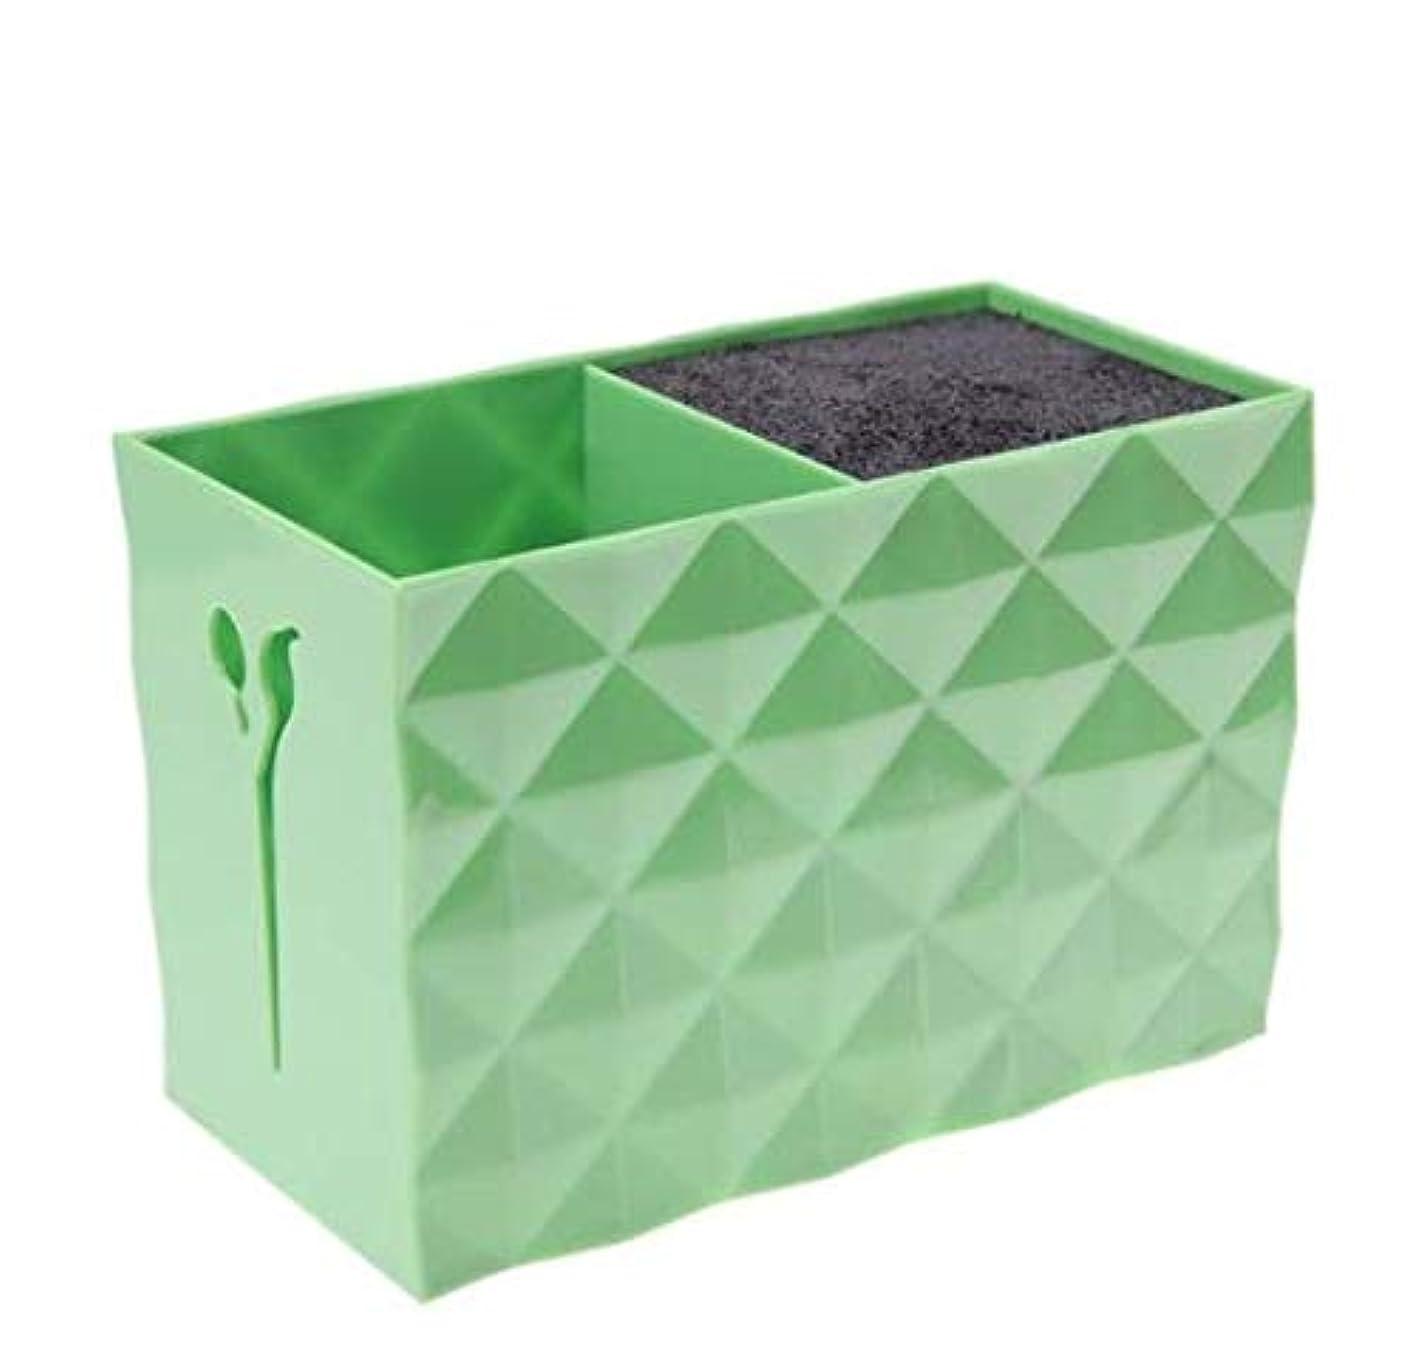 疲労強調するモートLivemarket プロのアクセサリー非スリップソケット髪シザー櫛ポットスタンドケーススタイリングサロンヘアクリップ人気の収納ボックス (グリーン)